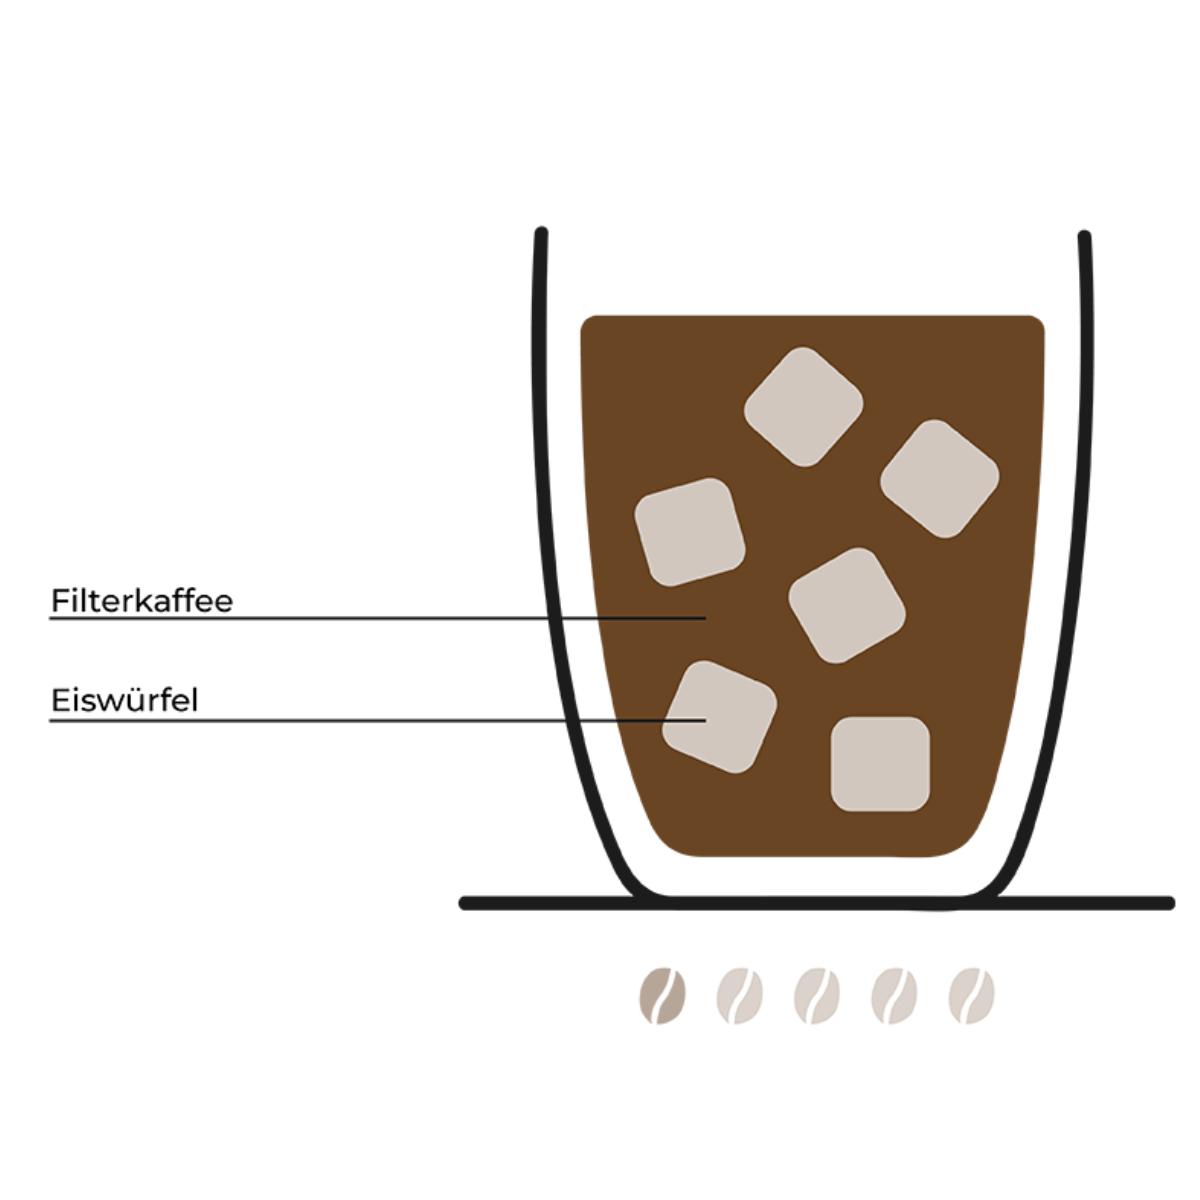 Kaffeetrends (3)